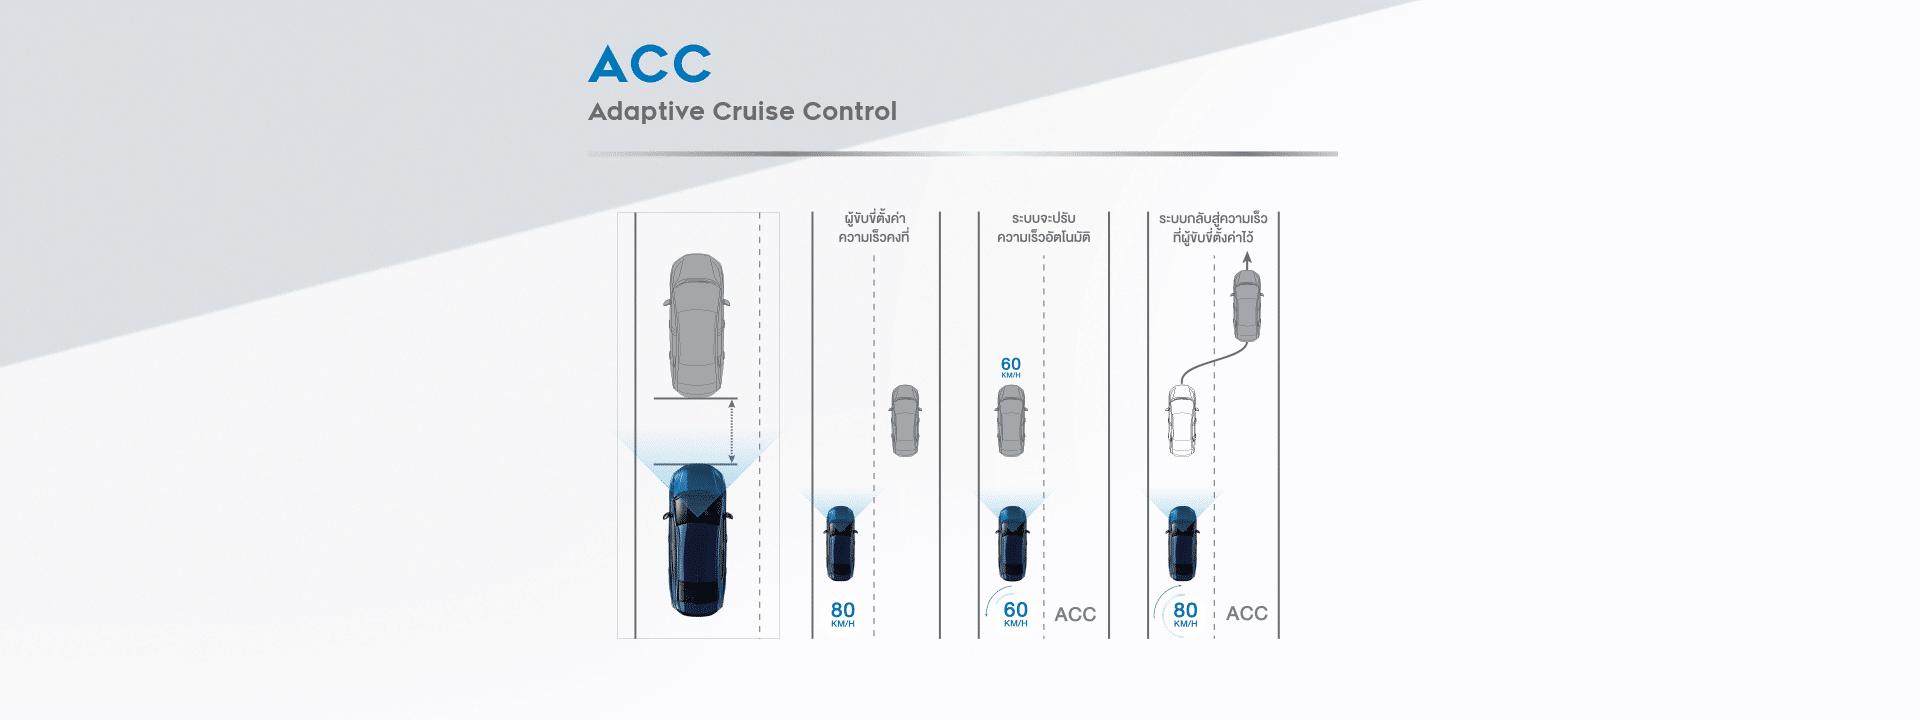 ระบบควบคุมความเร็วอัตโนมัติแบบแปรผัน (Adaptive Cruise Control: ACC)